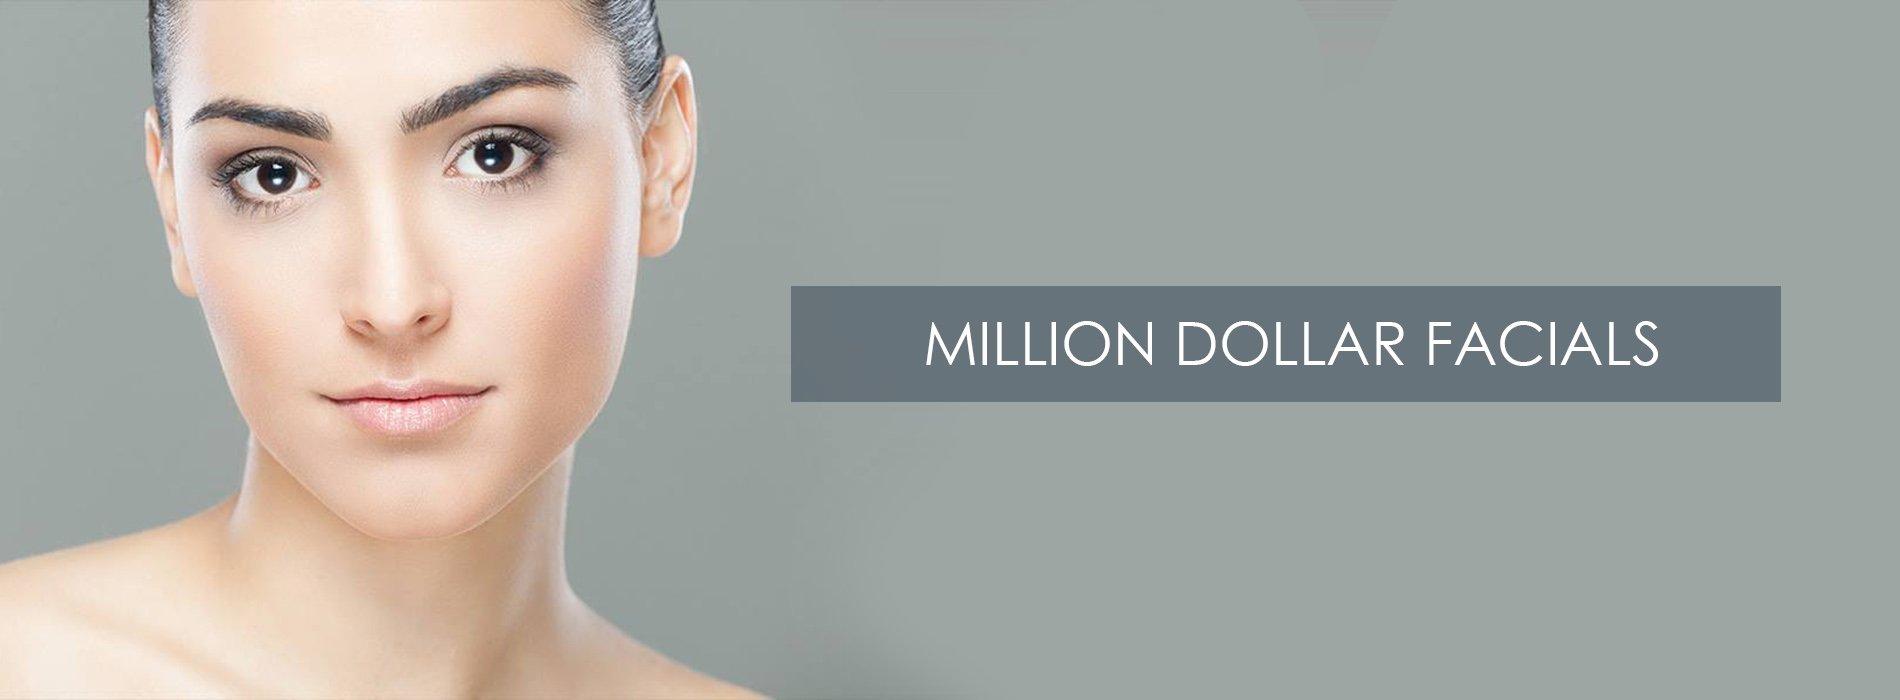 Million Dollar Facials at Dunstable Aesthetics Clinic